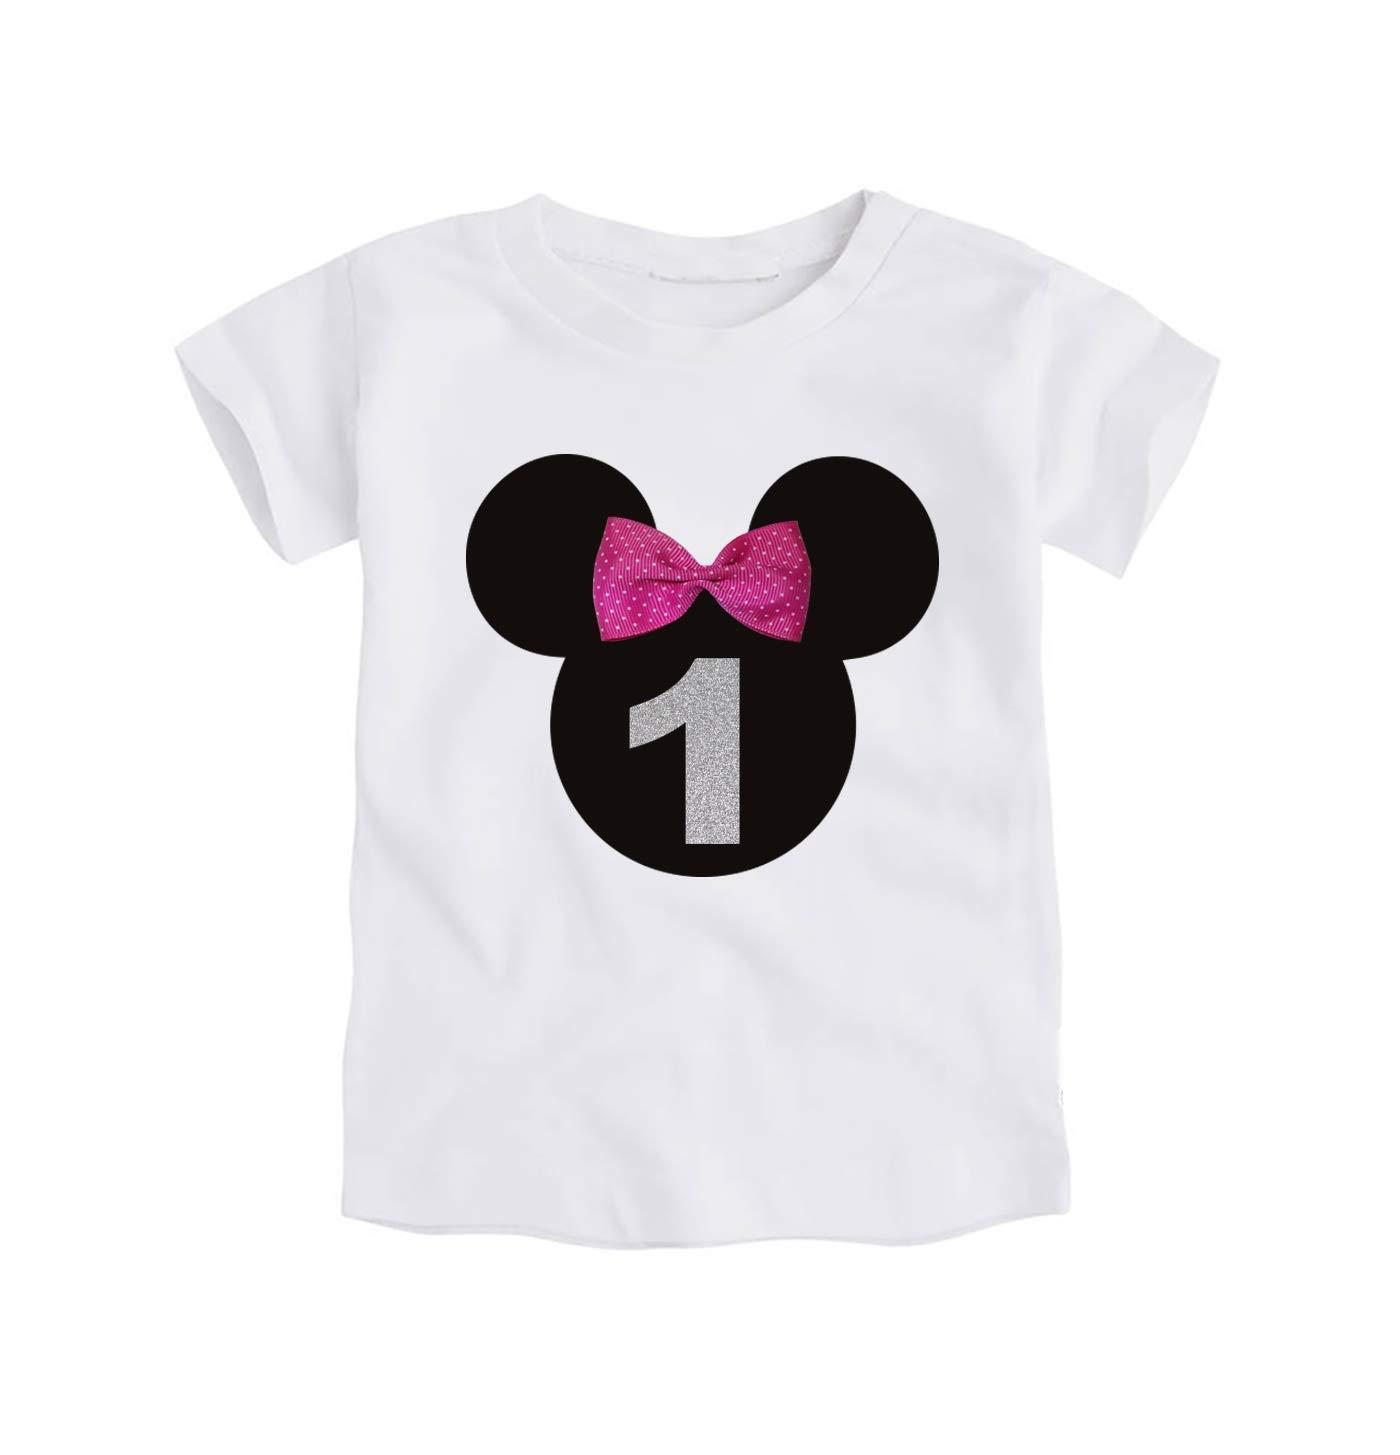 Camiseta Primer Cumpleaños Bebe Niña / 1 Año/Número 1 / Lazo ...